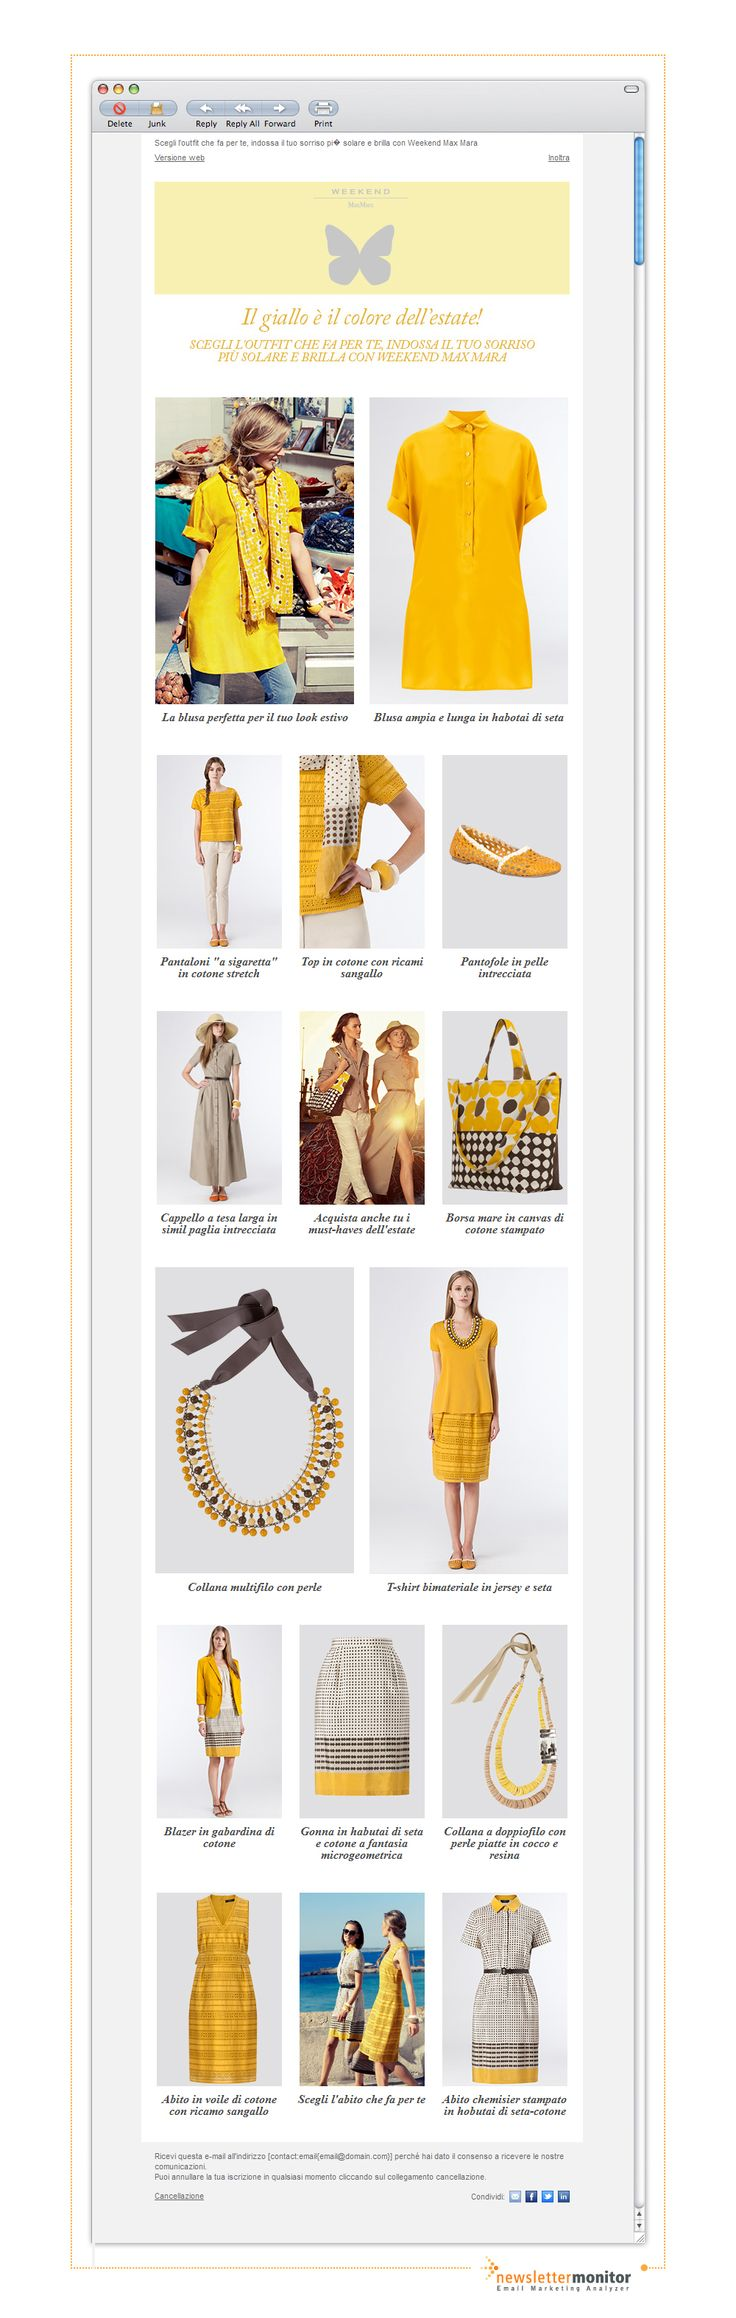 Brand: MaxMara | Subject: Questa settimana scegli il giallo